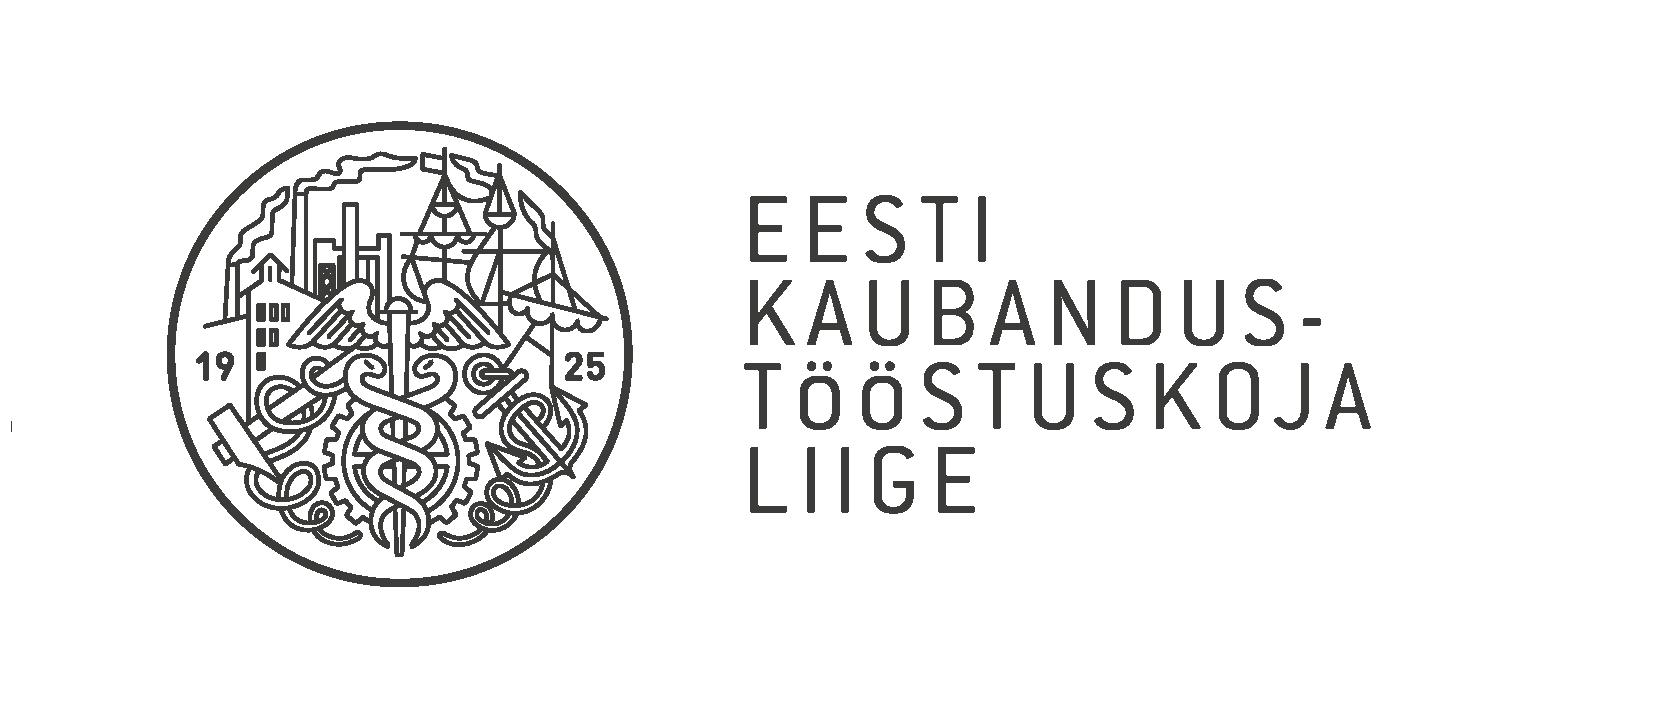 Eesti Kaubandustööstuskoja liige